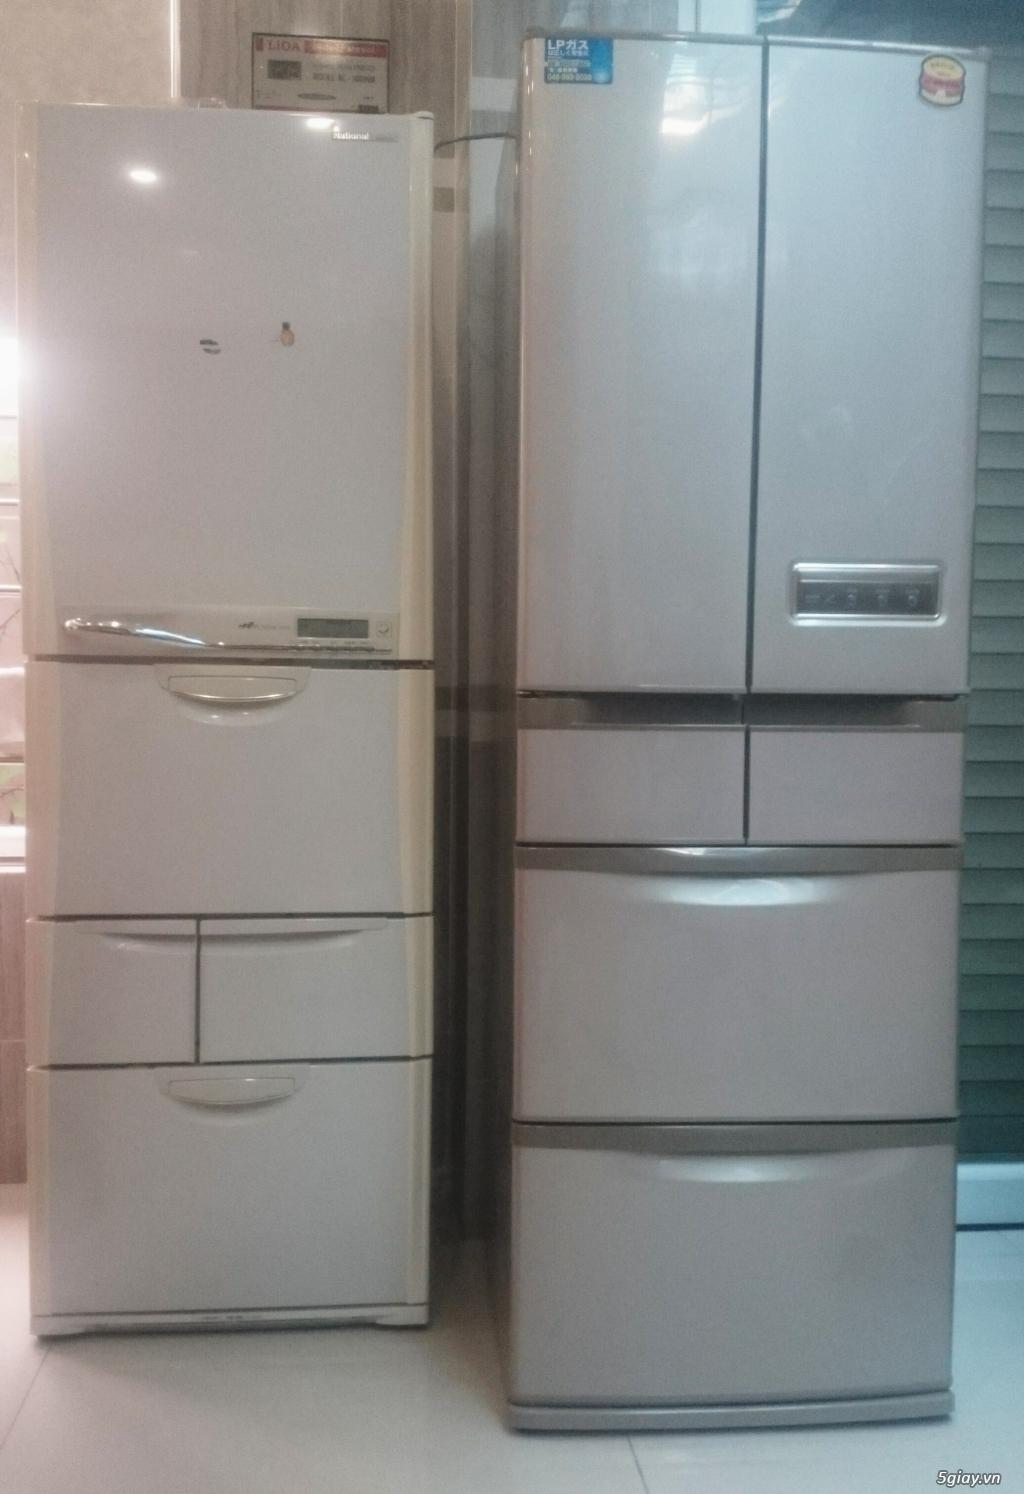 Bán 2 Tủ lạnh nội địa nhật 401L giá rẻ